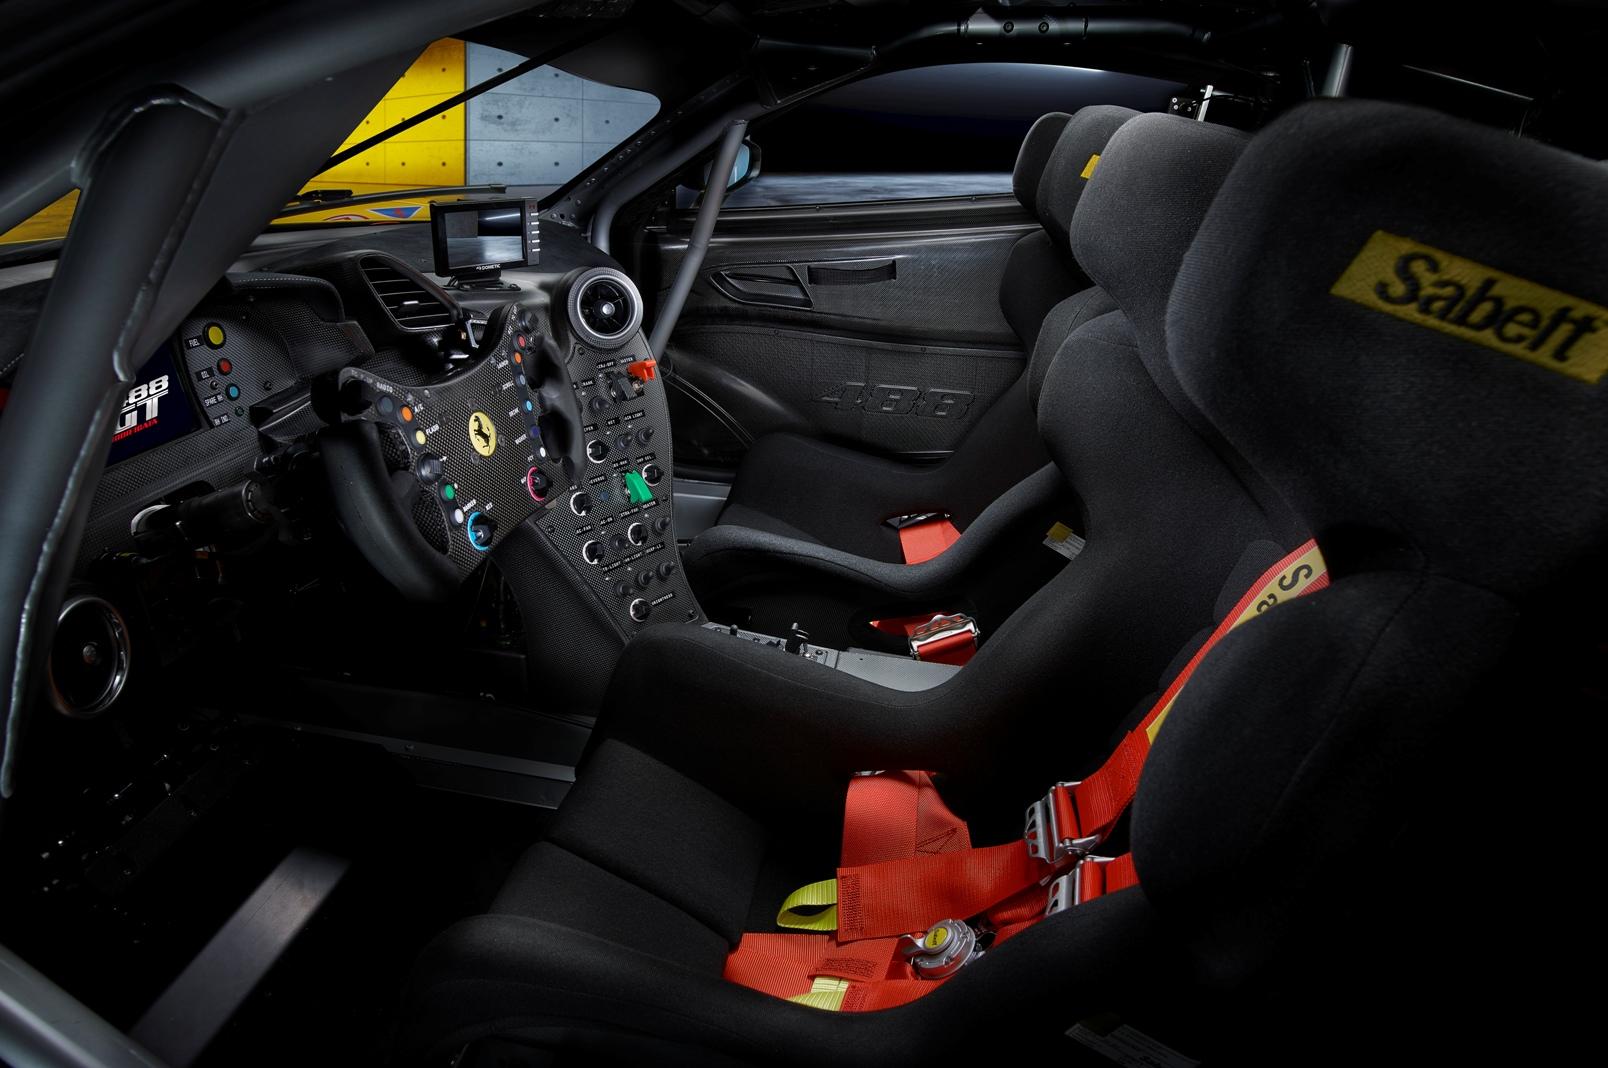 Ferrari 488 Gt Modificata (6)